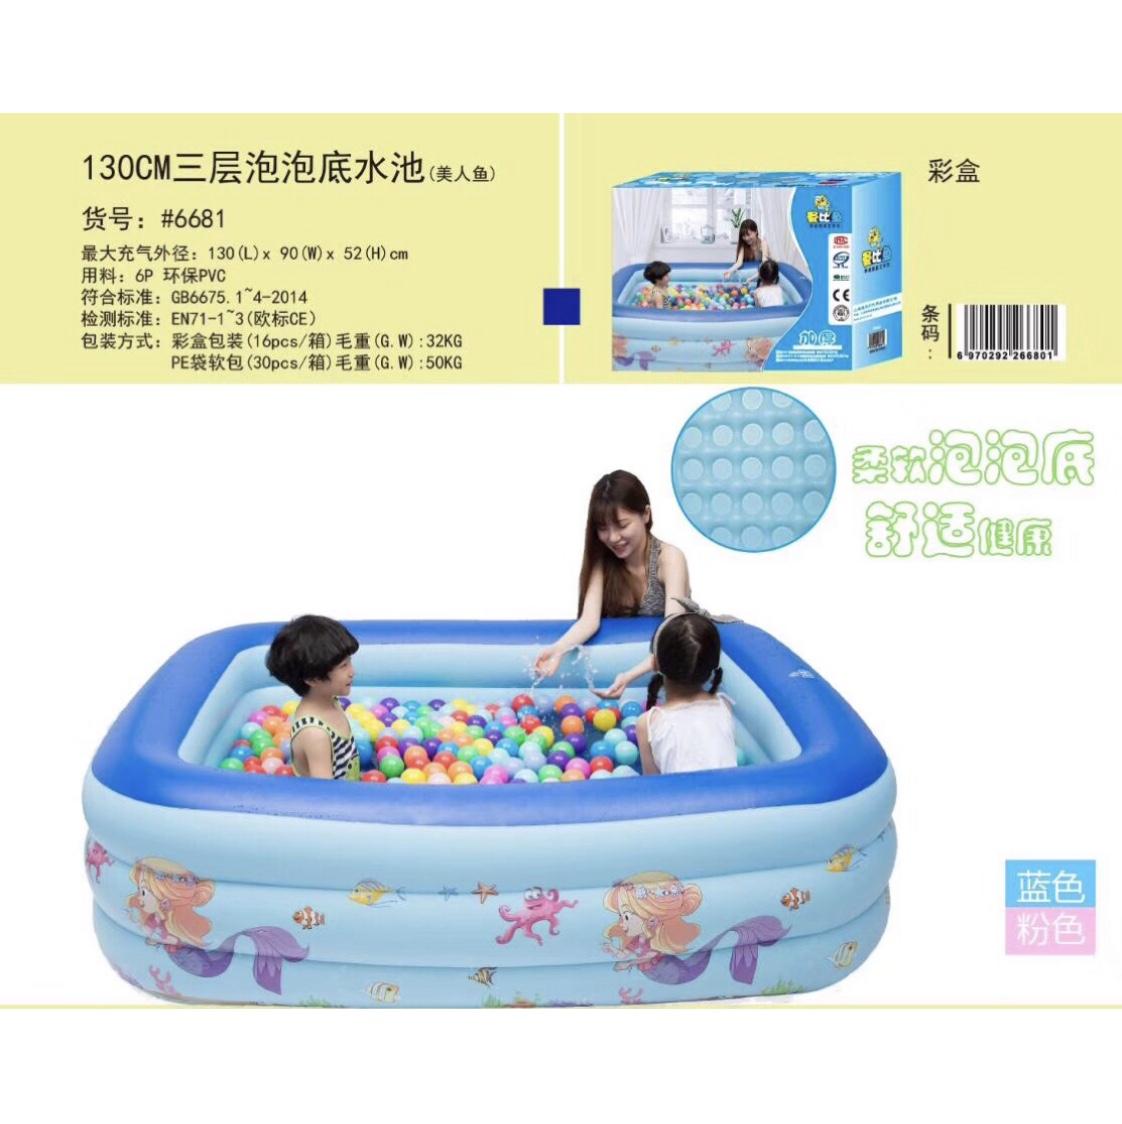 充气水池玩具池